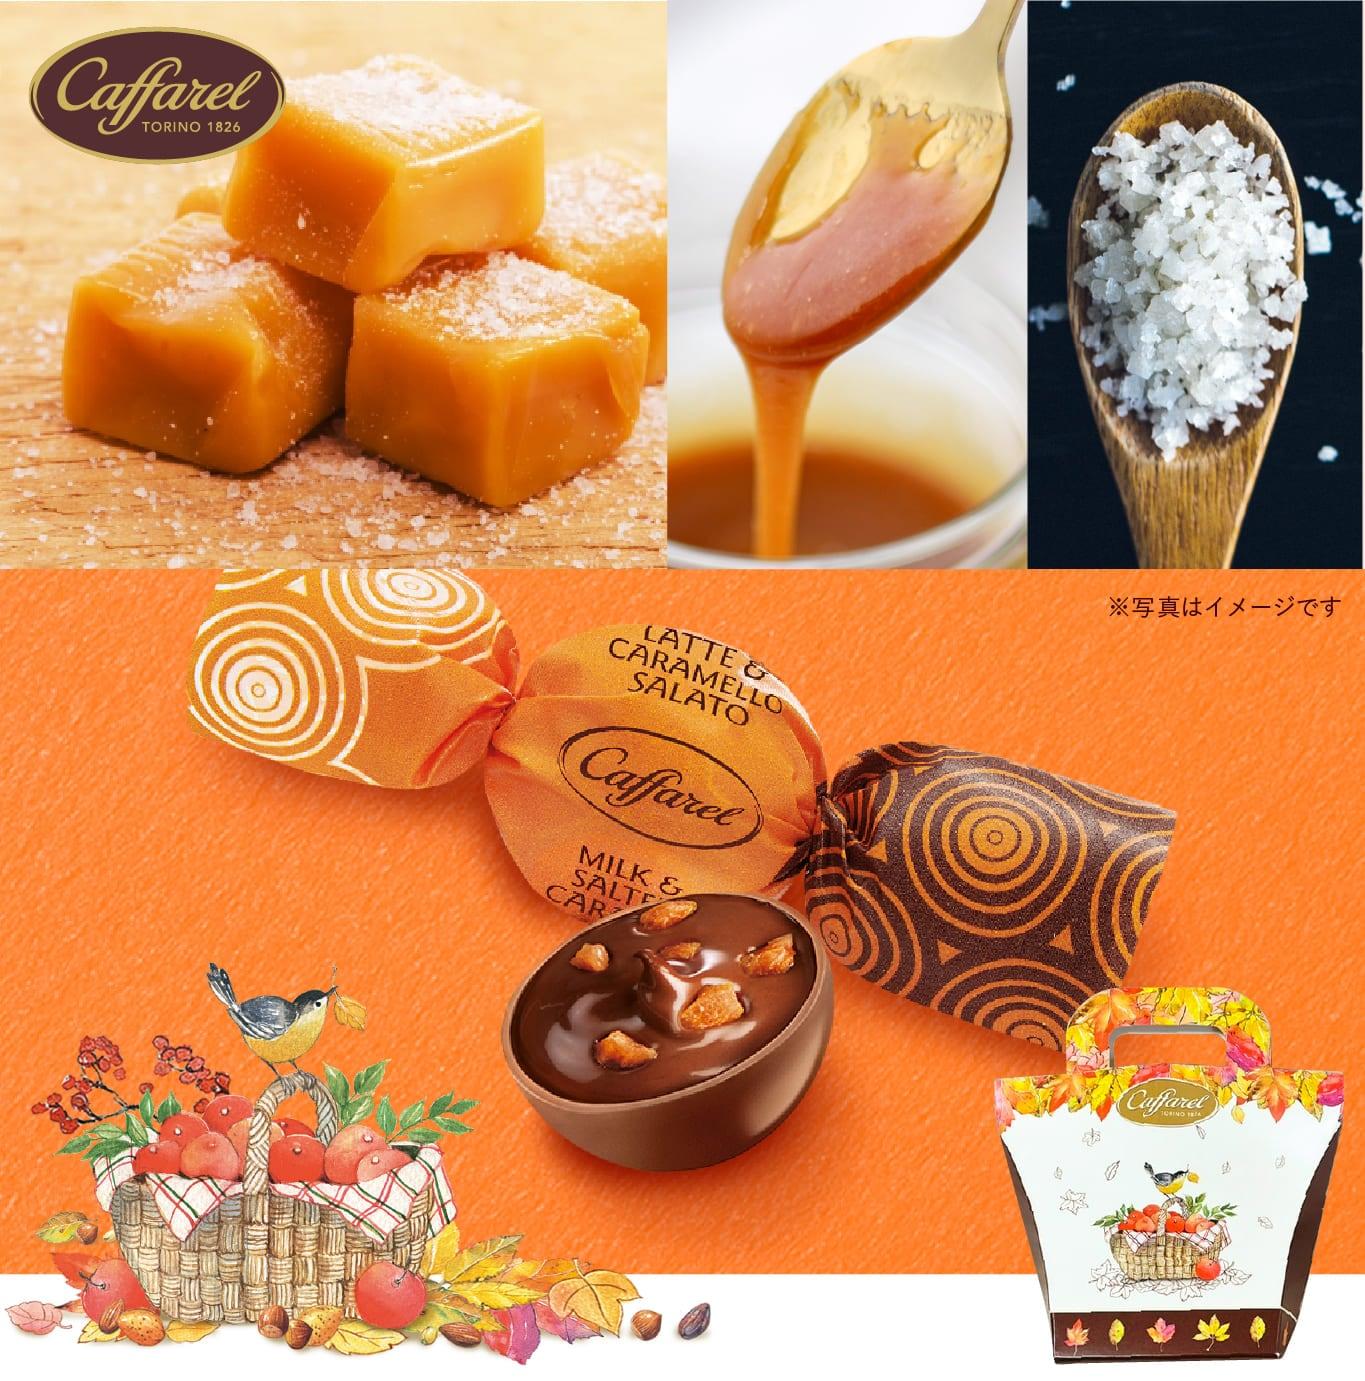 カファレル秋のキャラメルソルテッドチョコレート